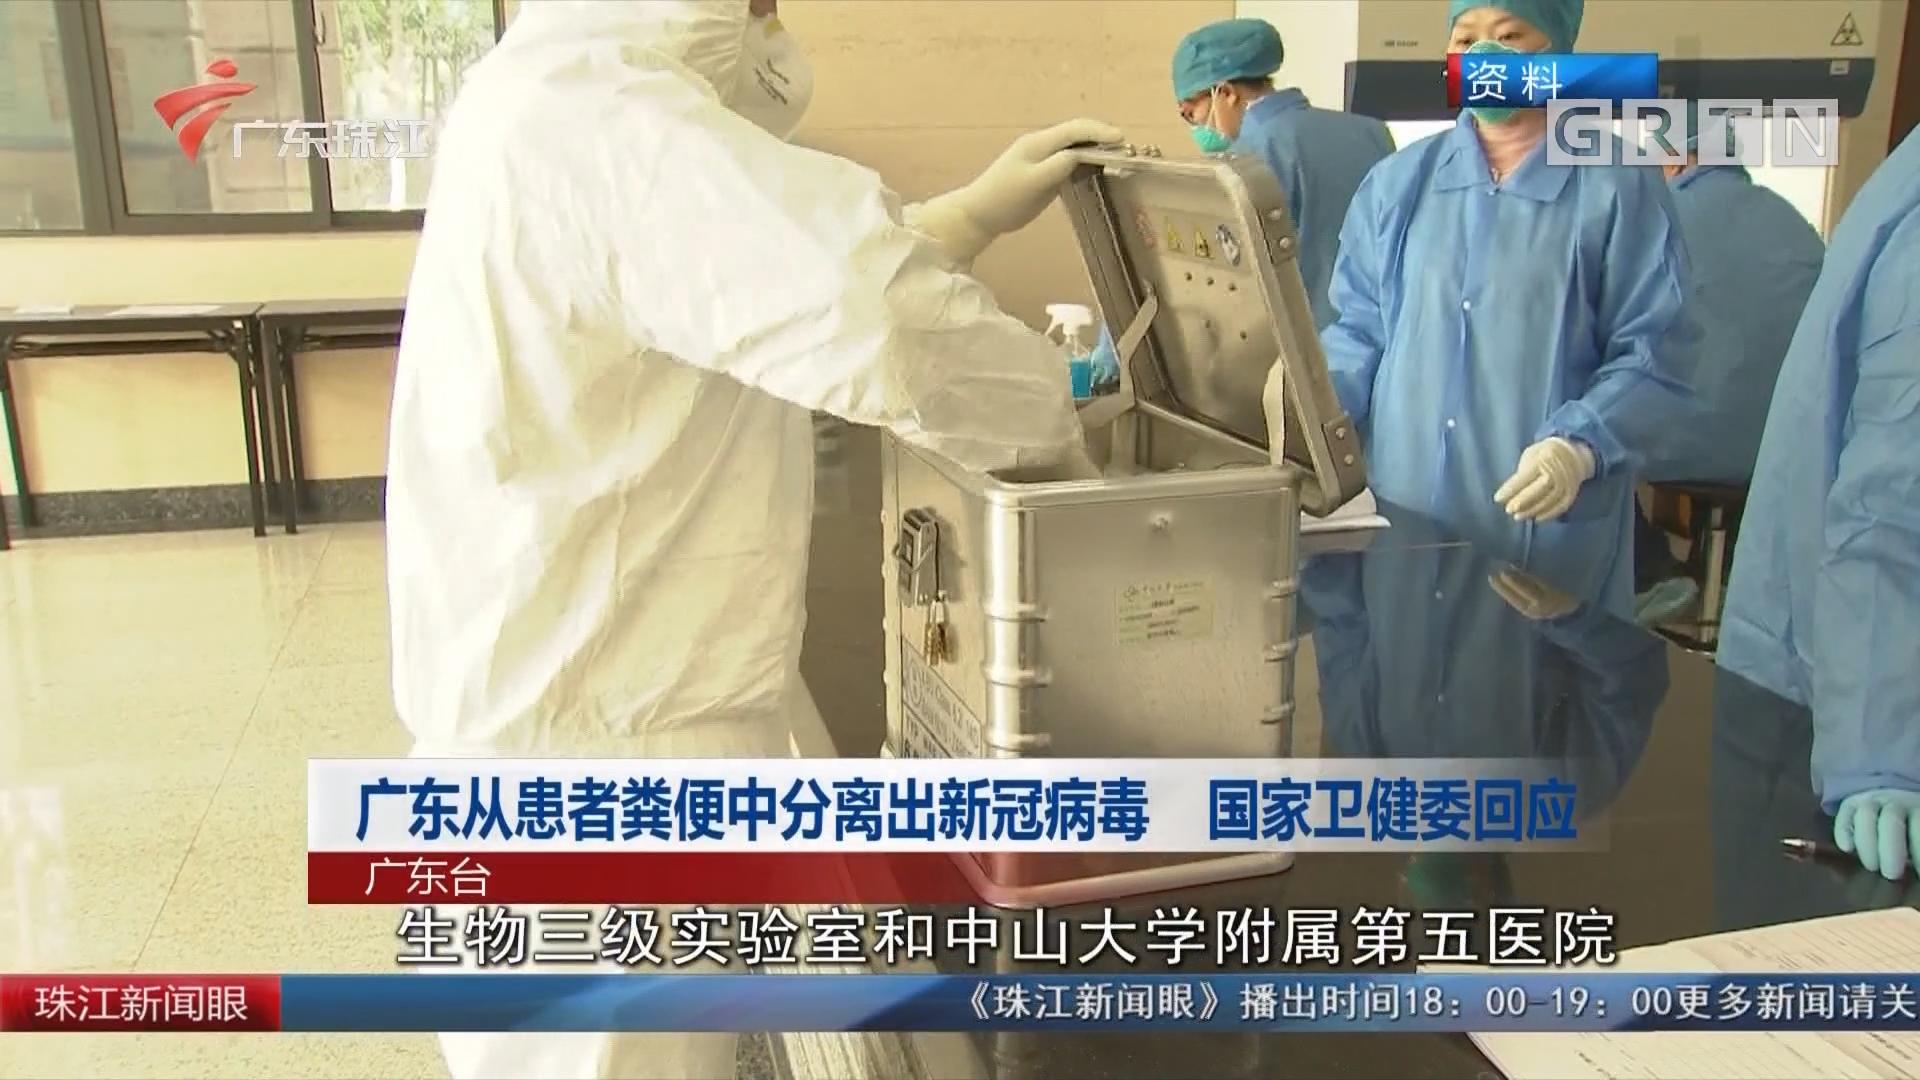 广东从患者粪便中分离出新冠病毒 国家卫健委回应